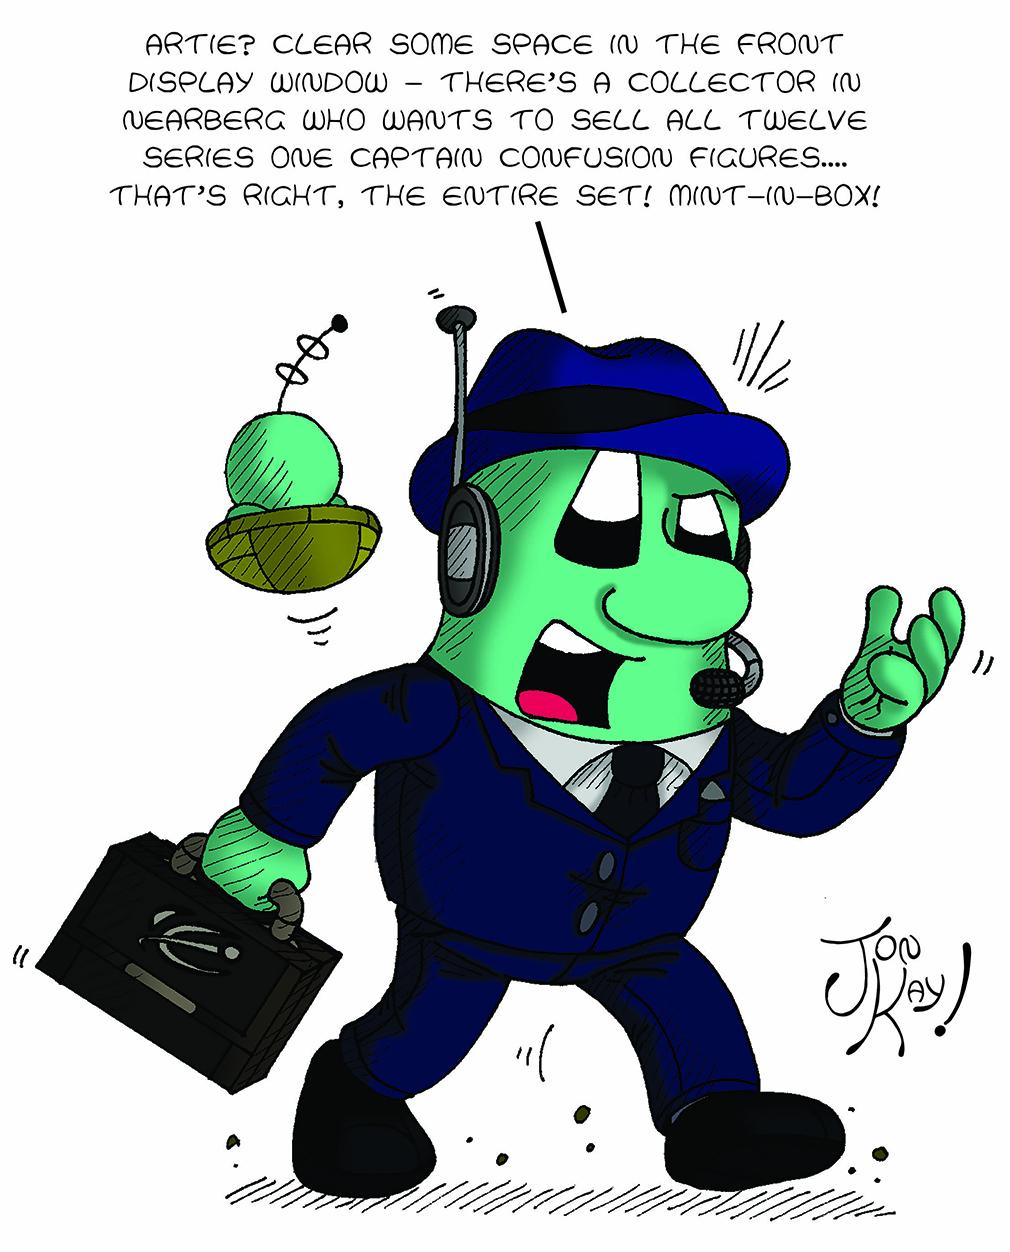 Tony Corvell - master of toys!